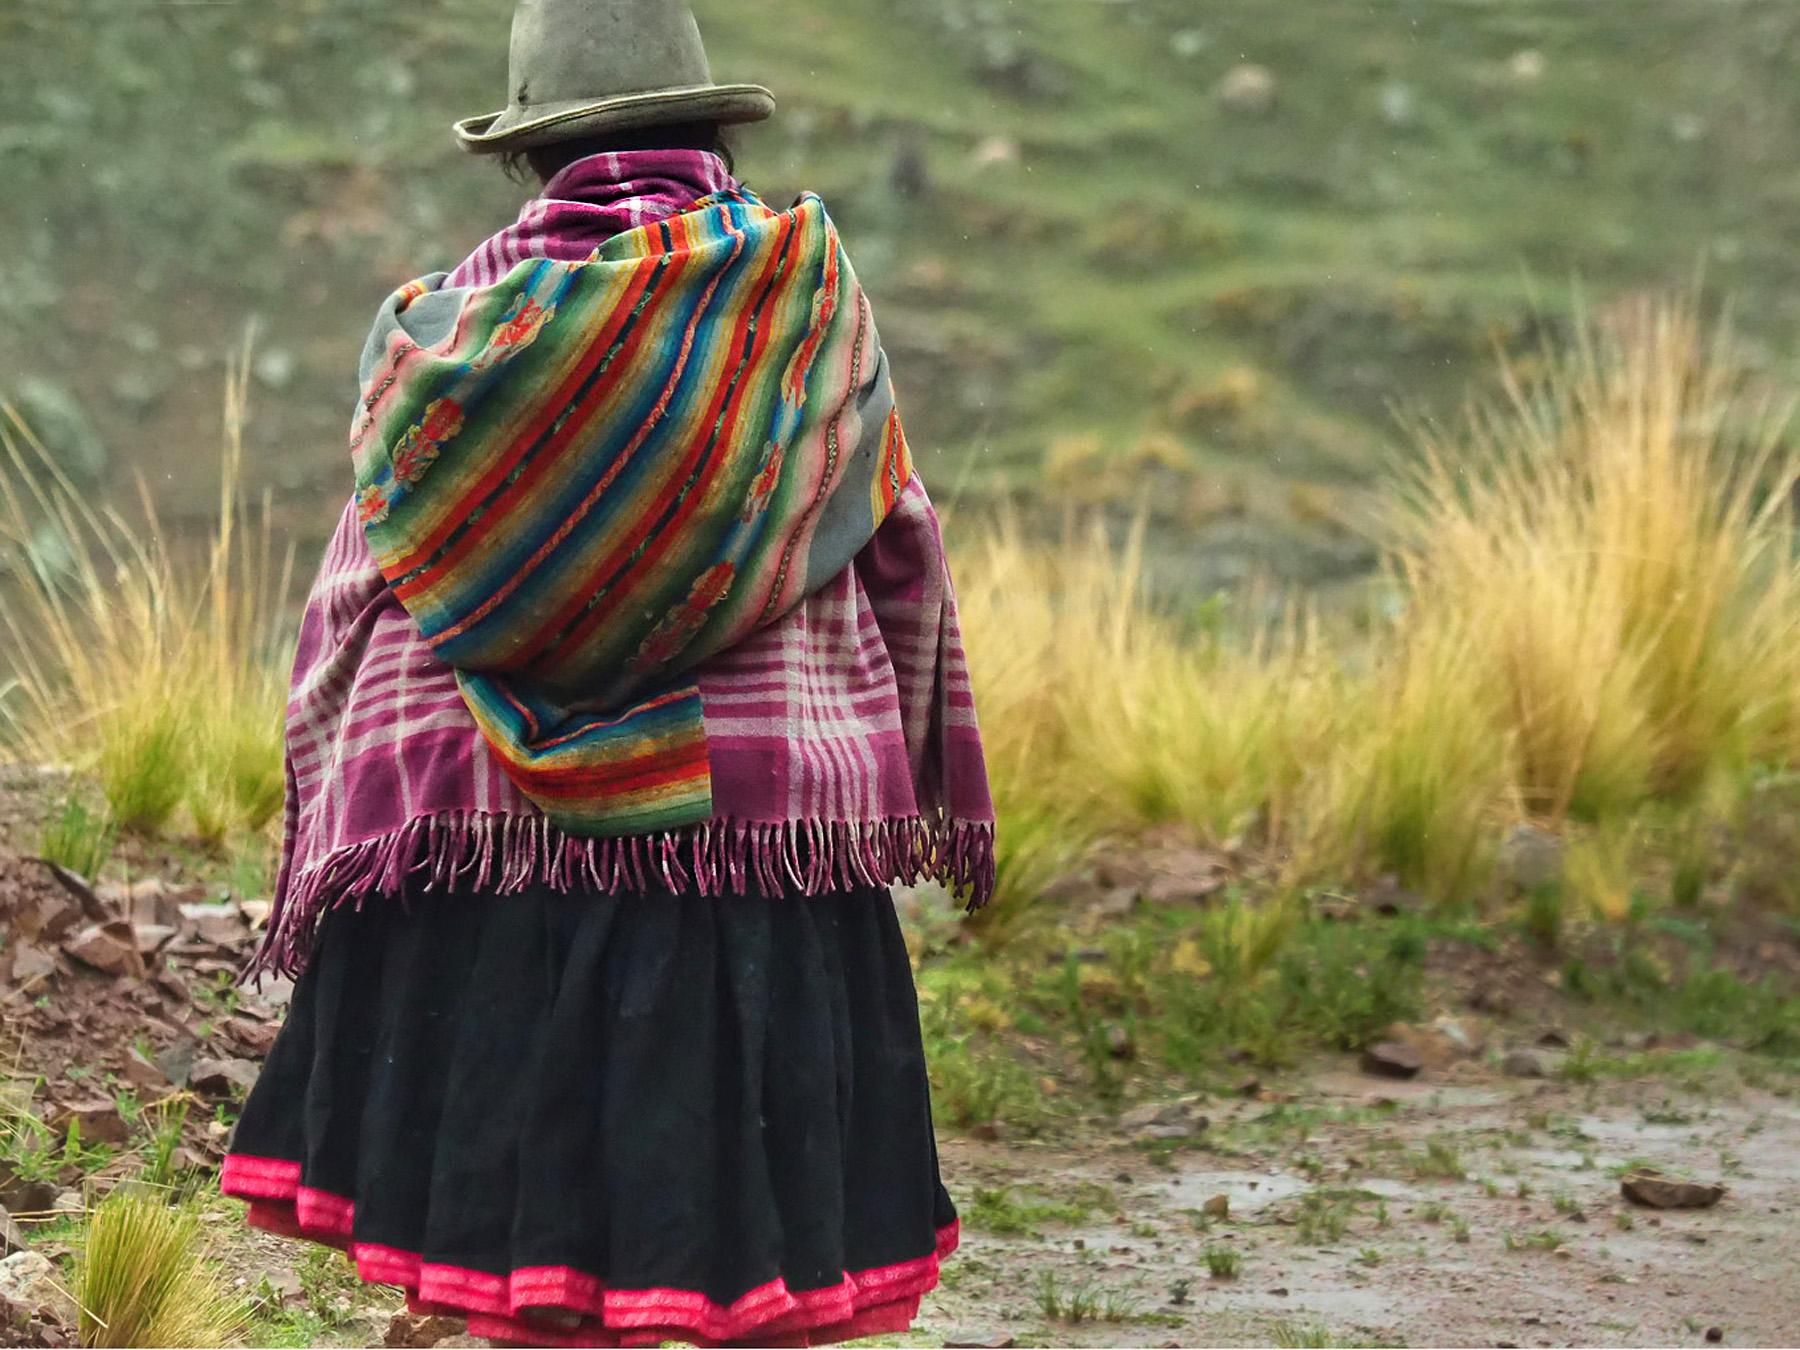 Traditionell gekleidete Inkafrauen sind hier noch allgegenwärtig